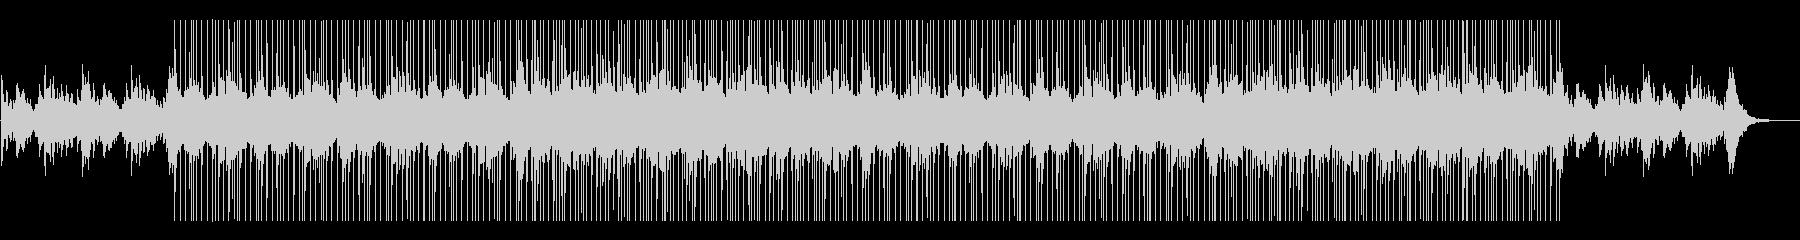 幸せなウェディングなどに合うピアノ曲の未再生の波形